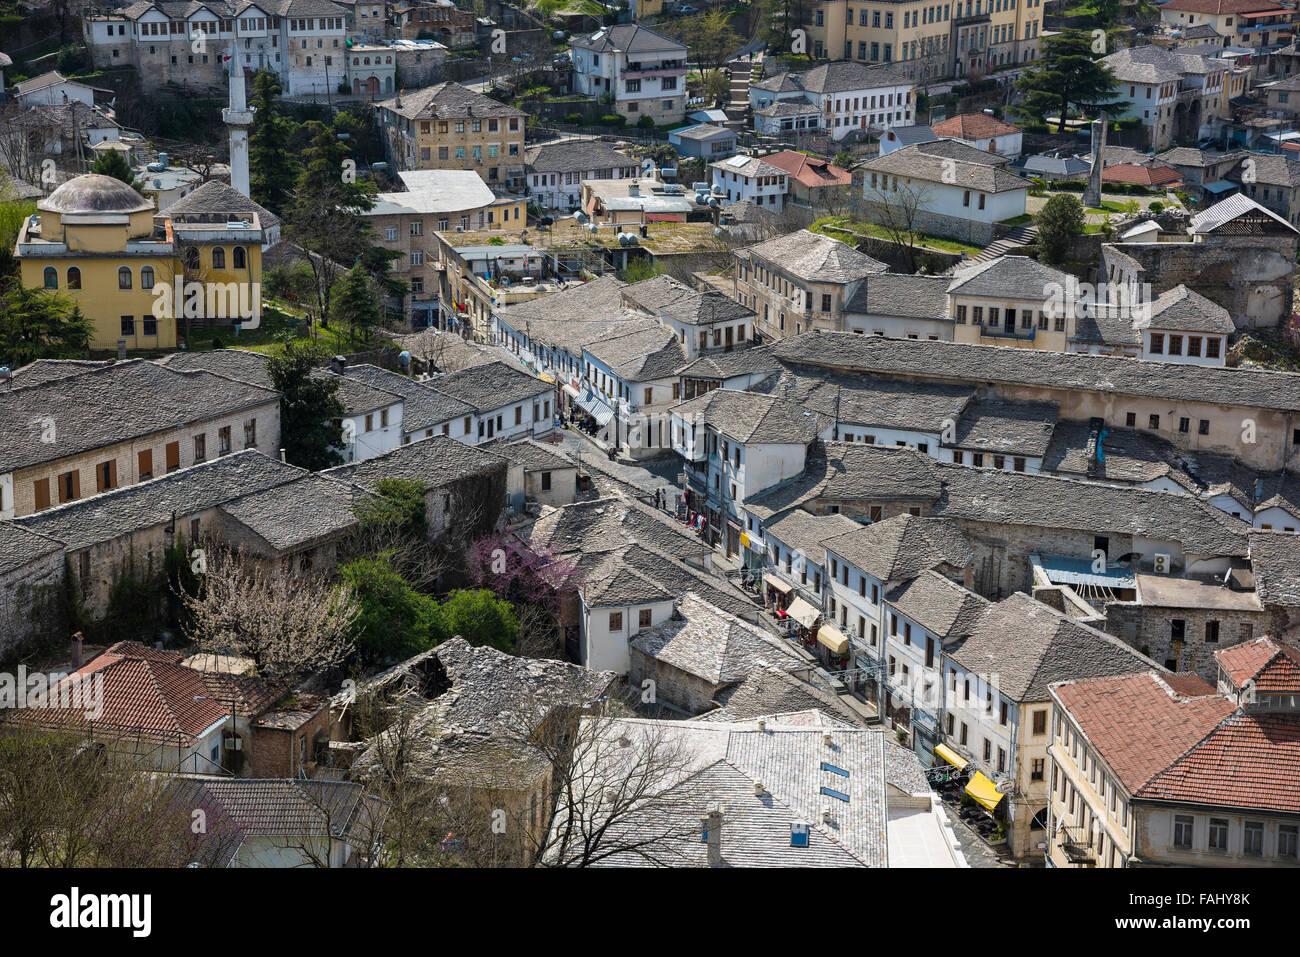 Traditionelle Architektur in der alten Stadt Gjirokaster in Albanien Stockfoto